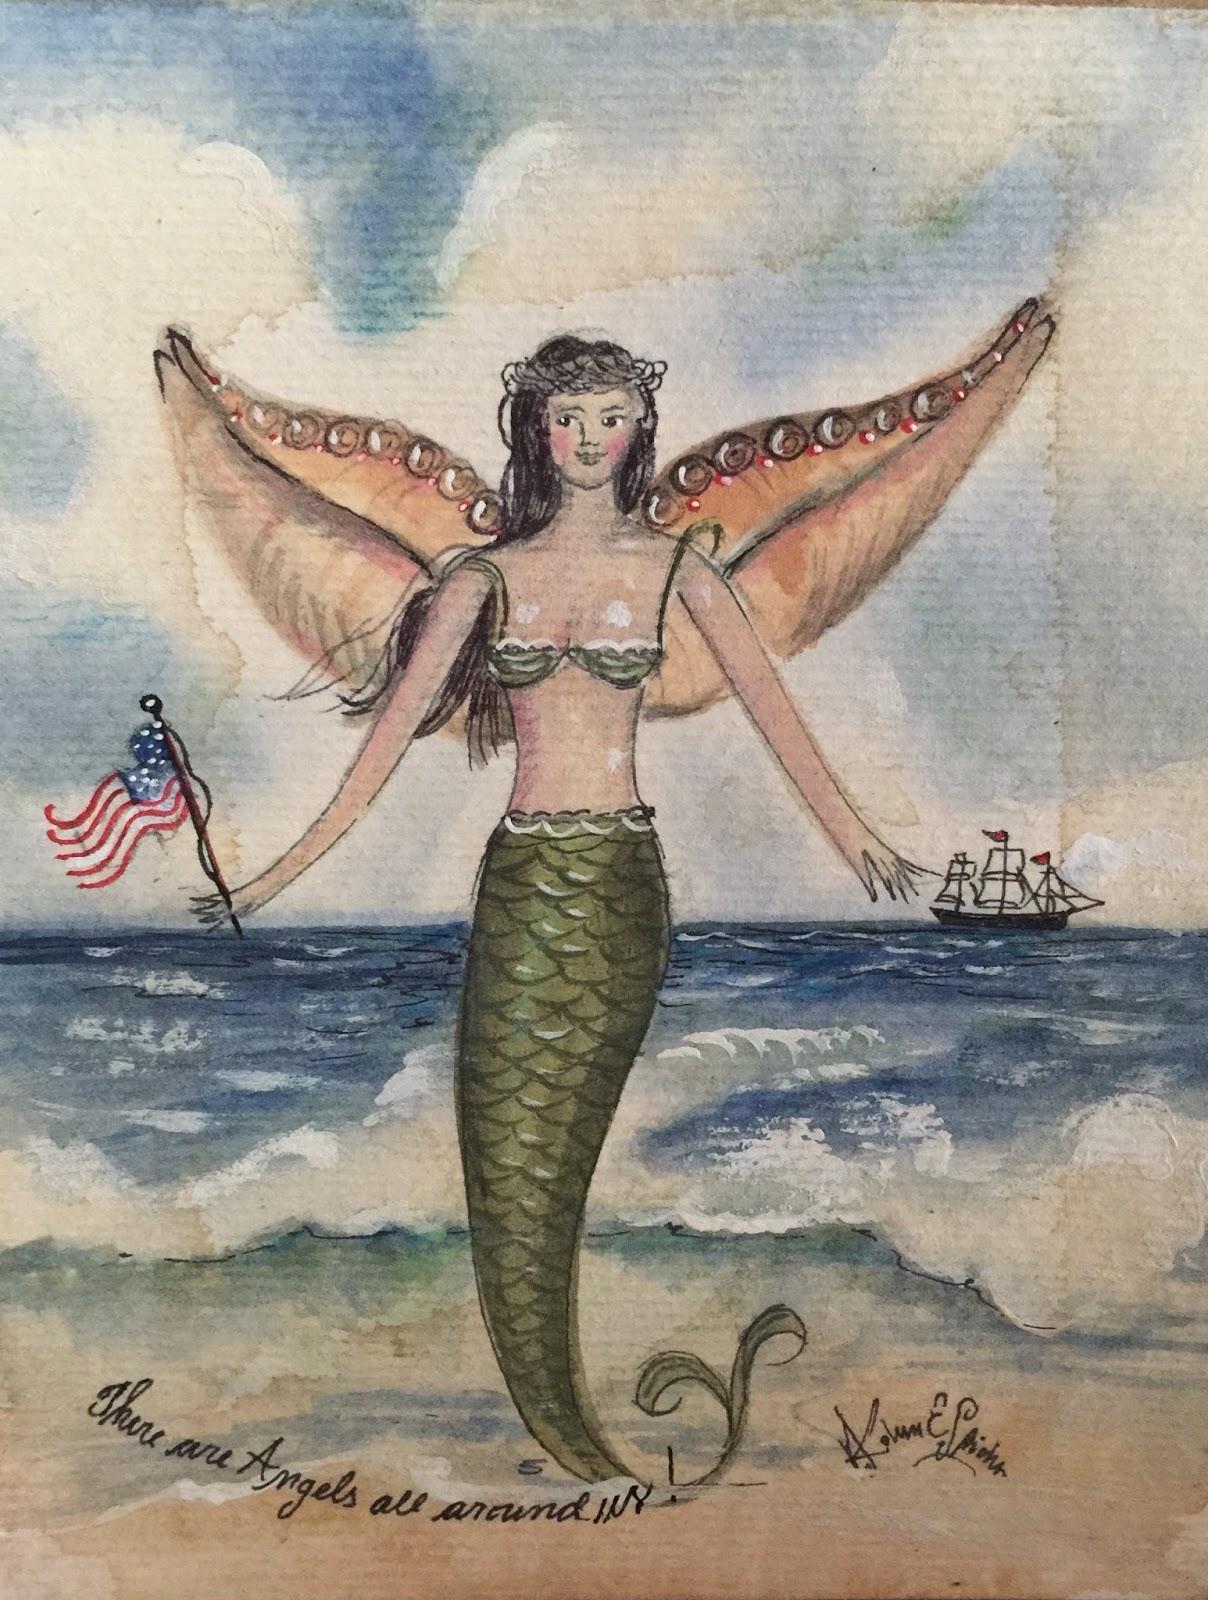 kolene spicher  patriotic mermaid angel